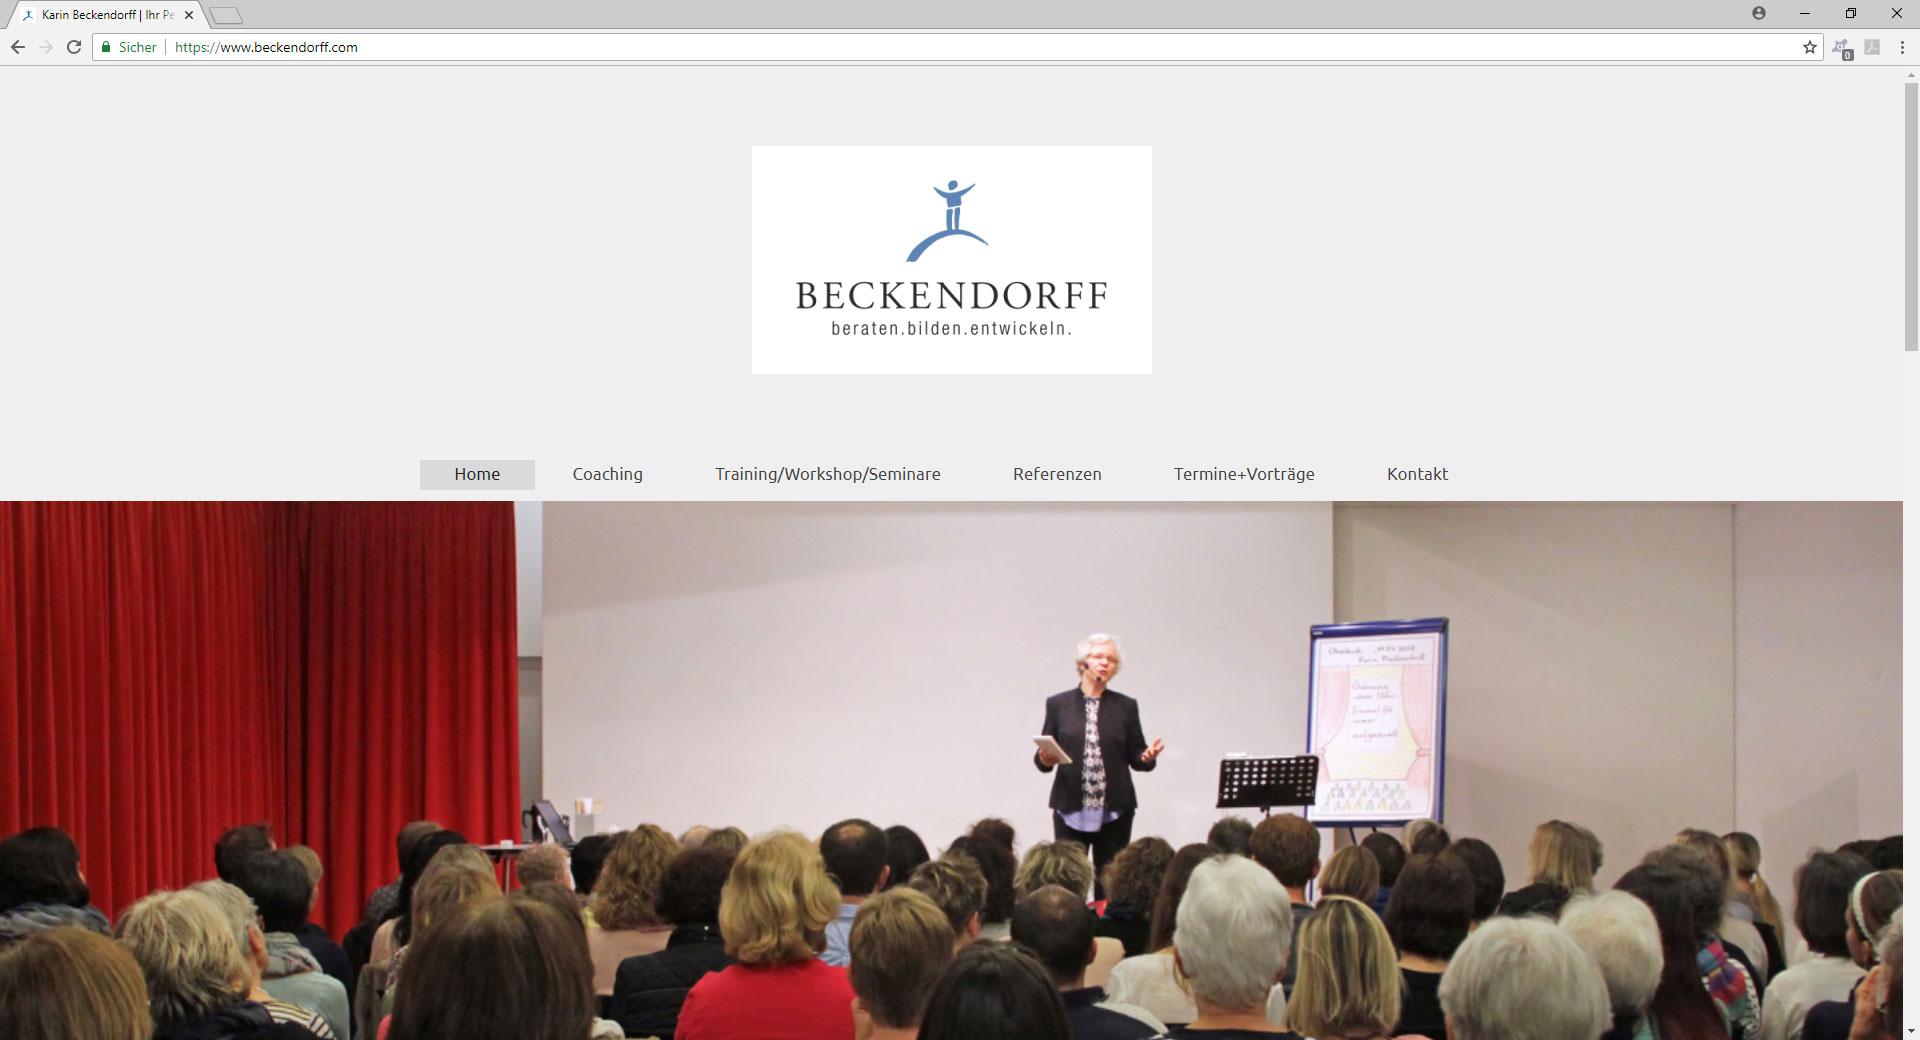 Webseite von Karin Beckendorff. Ihr Personal Coach in Ettenheim